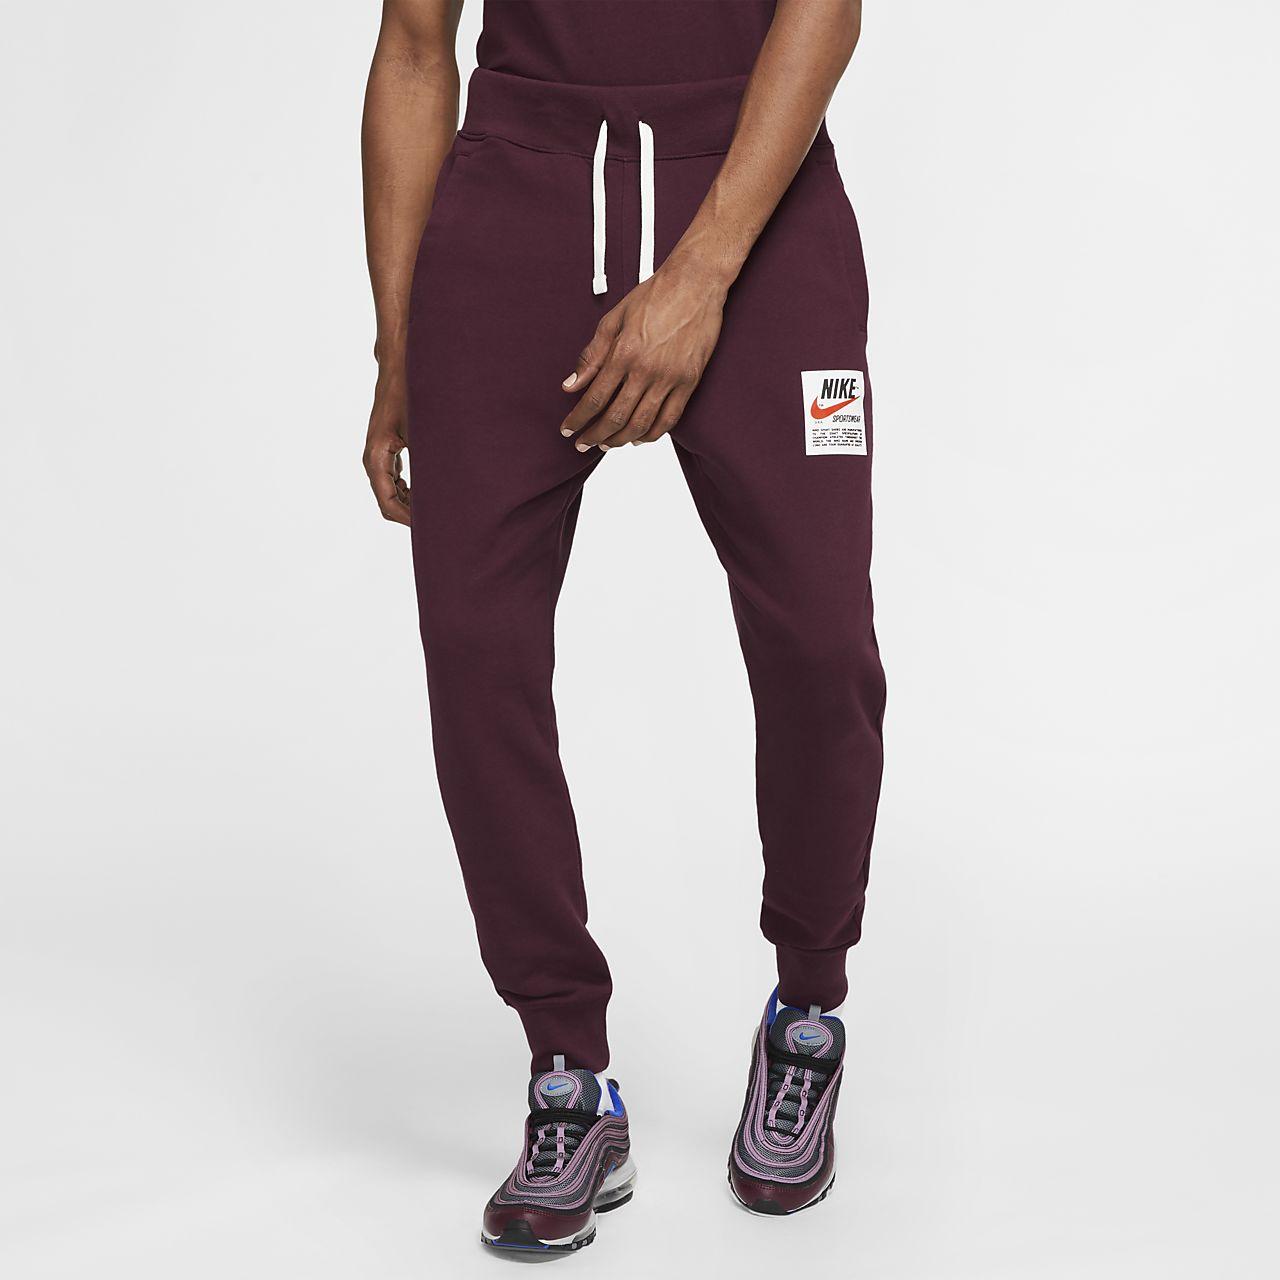 Sportswear Pantalon Nike De Imprimé Club Jogging Homme Pour 1clFJK